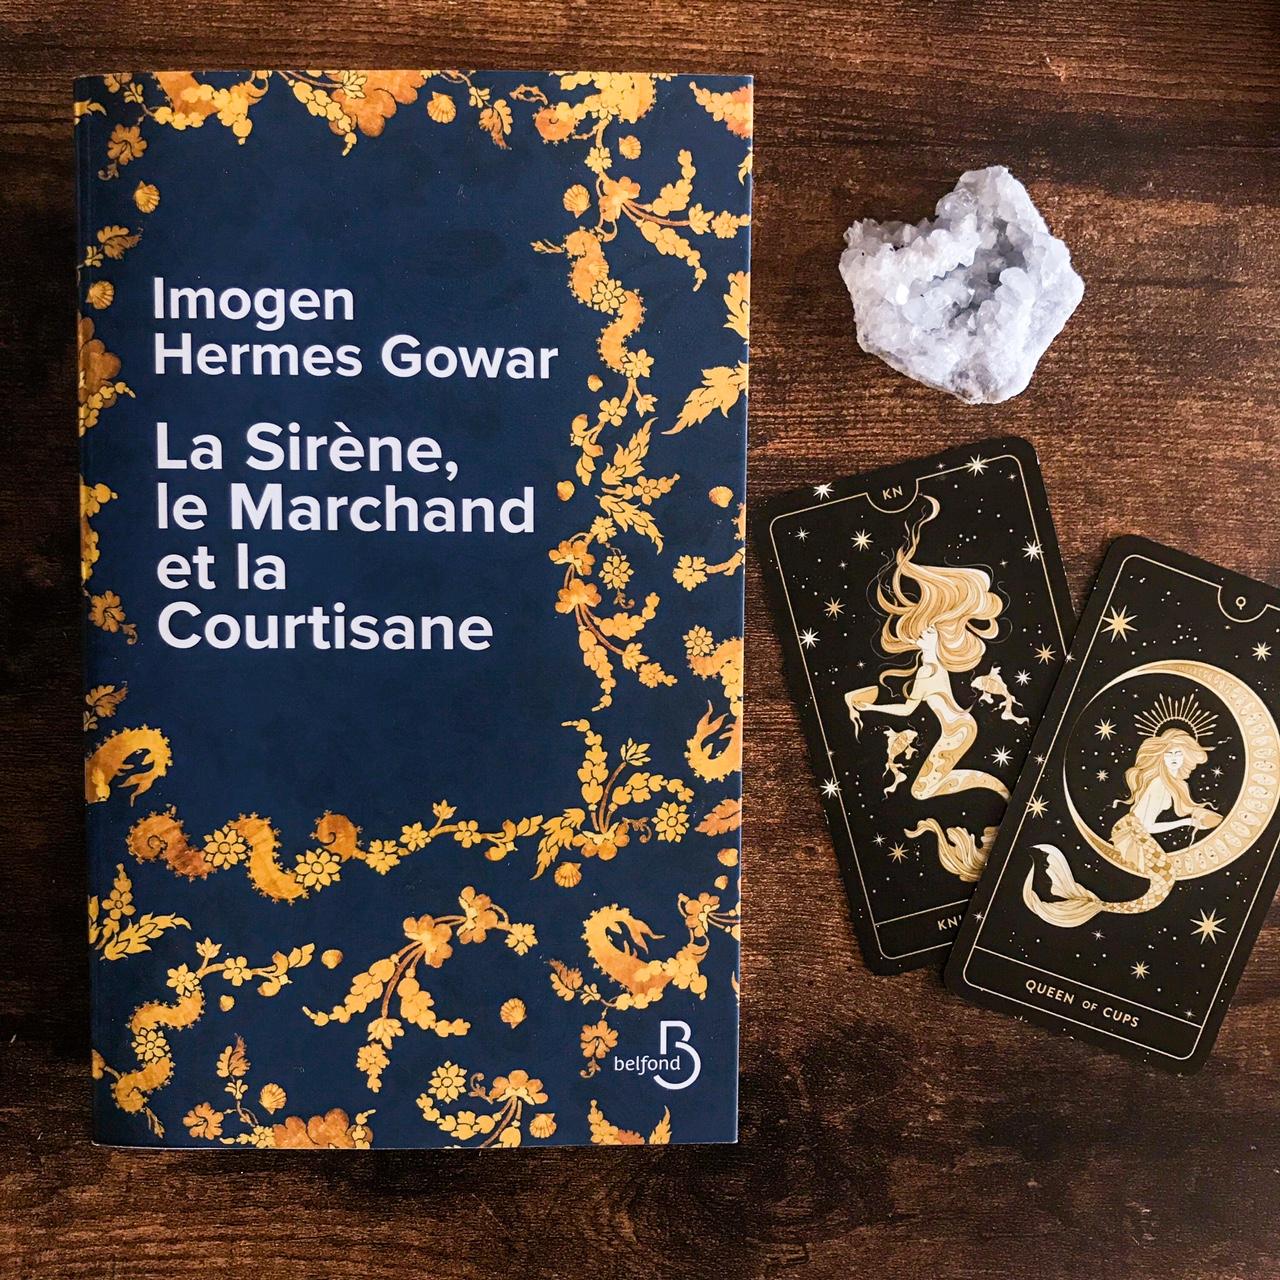 La Sirène, le Marchand et la Courtisane, de Imogen Hermes Gowar : cabinet de curiosité